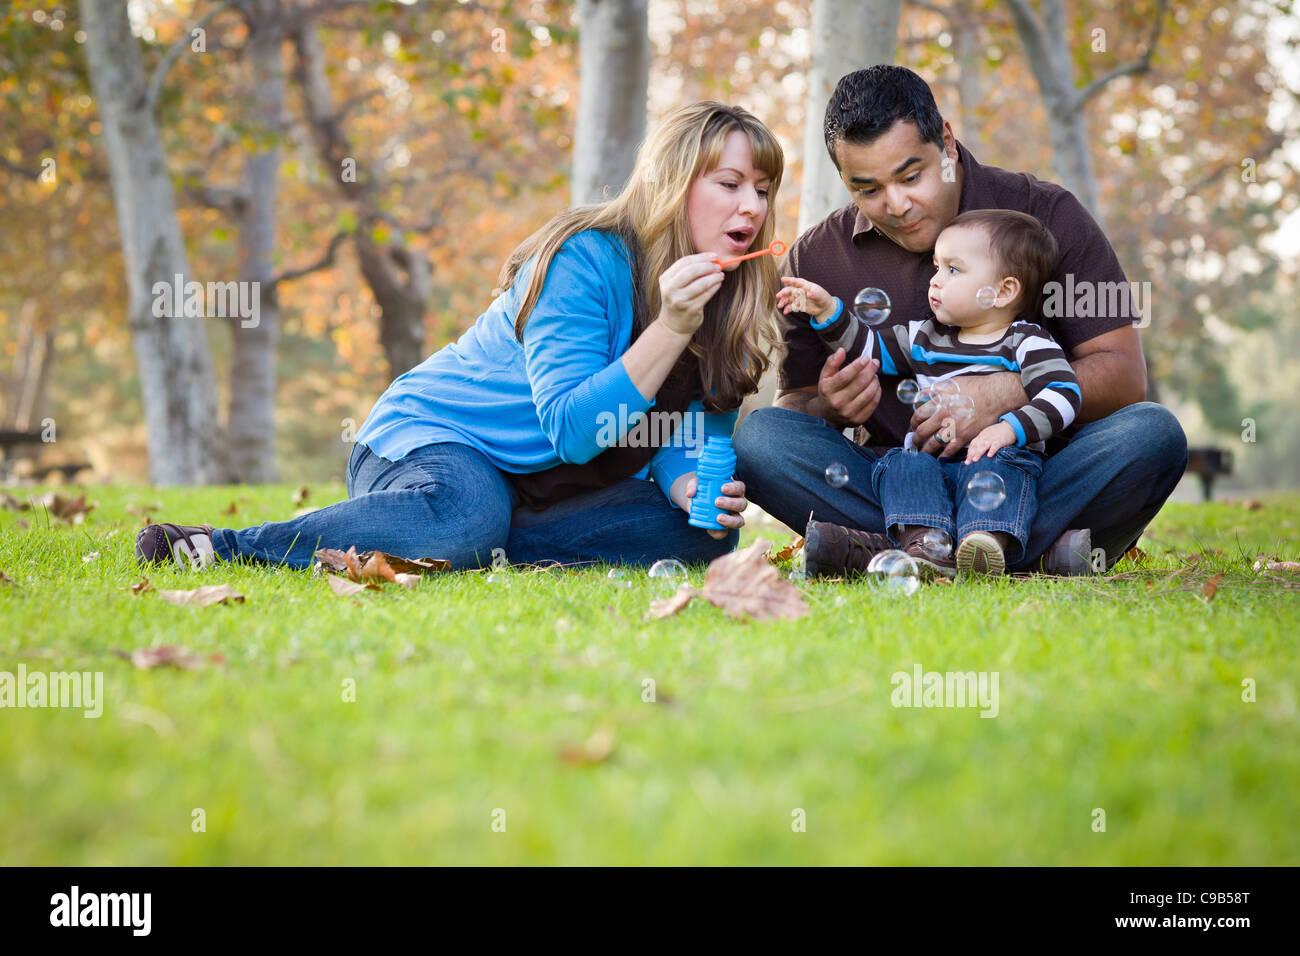 Feliz joven de raza mixta familia étnica jugando con burbujas en el parque. Imagen De Stock